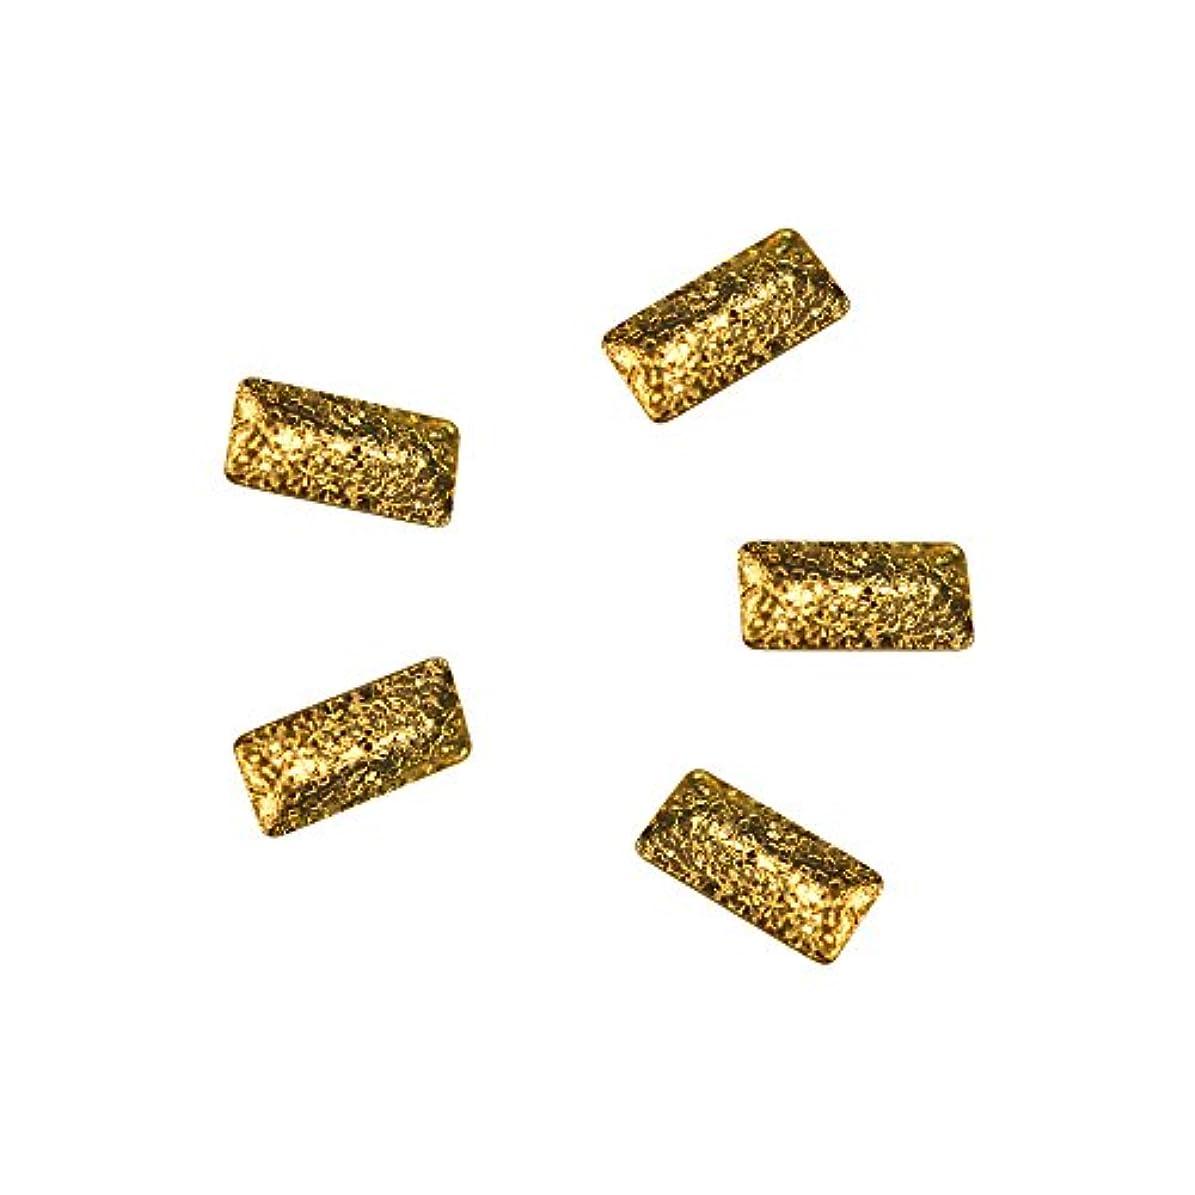 居住者抑制する命題Bonnail ラフスタッズゴールド レクタングル 3×1.2mm 30P